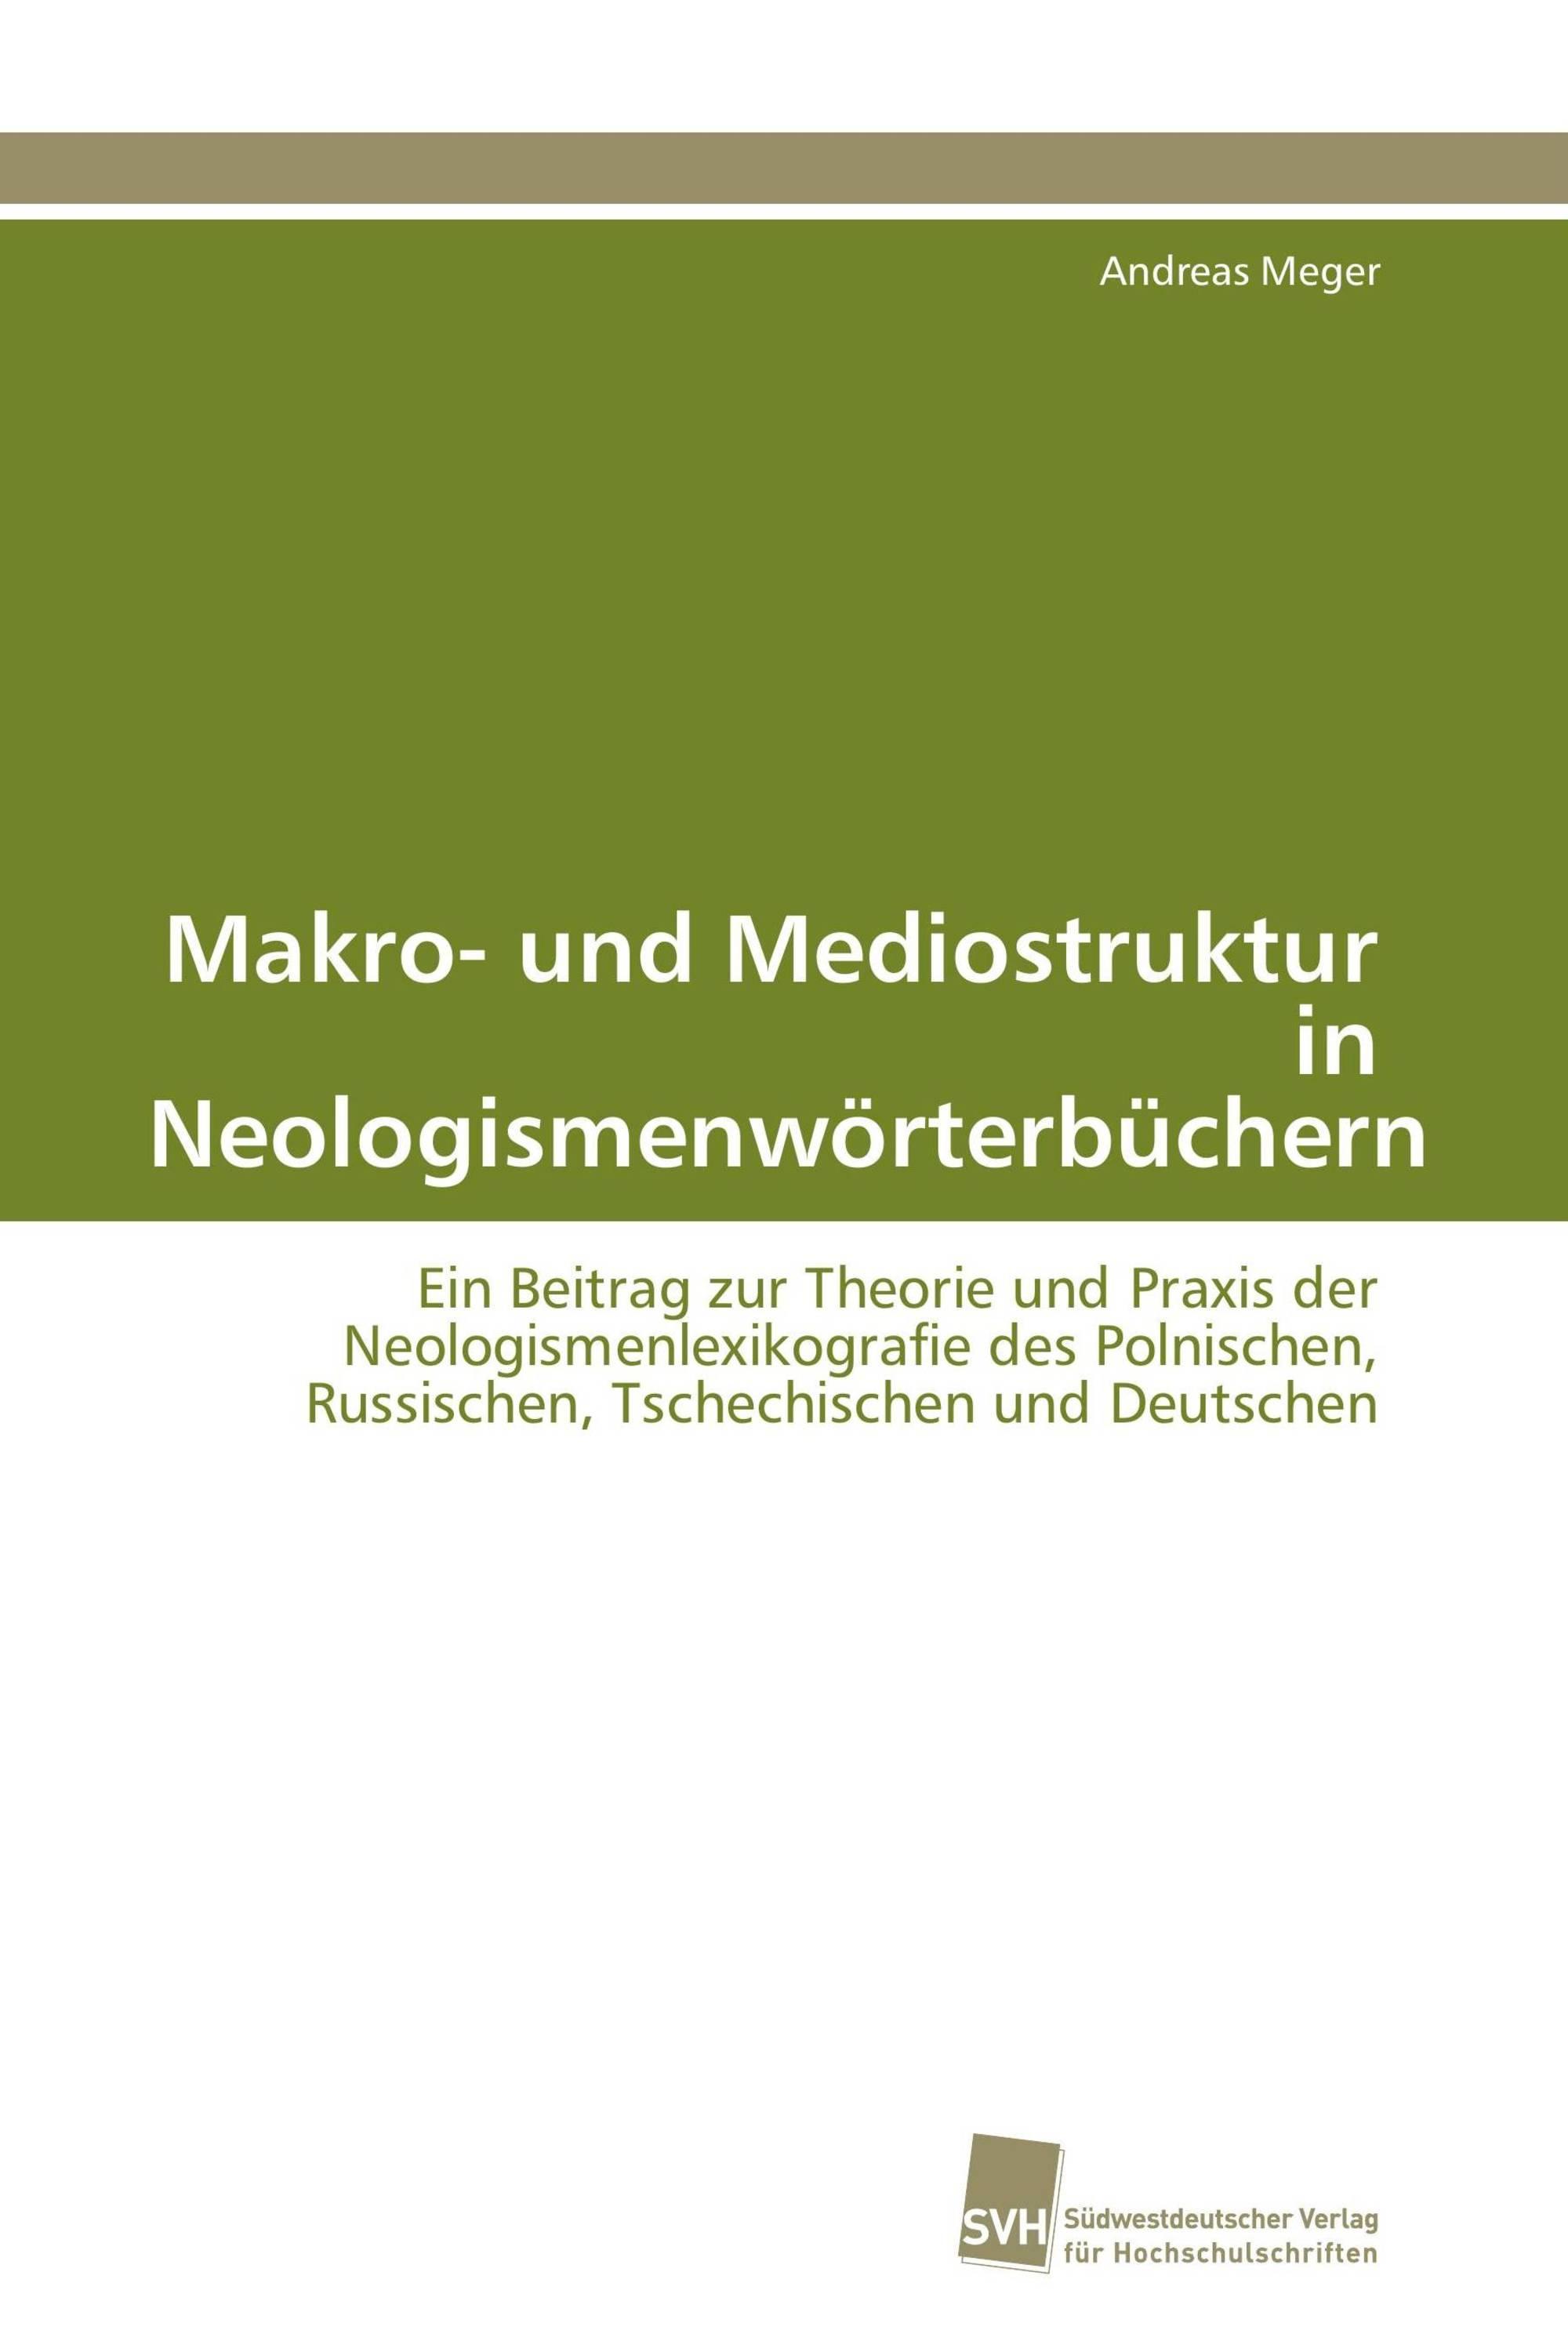 Makro- und Mediostruktur in Neologismenwörterbüchern